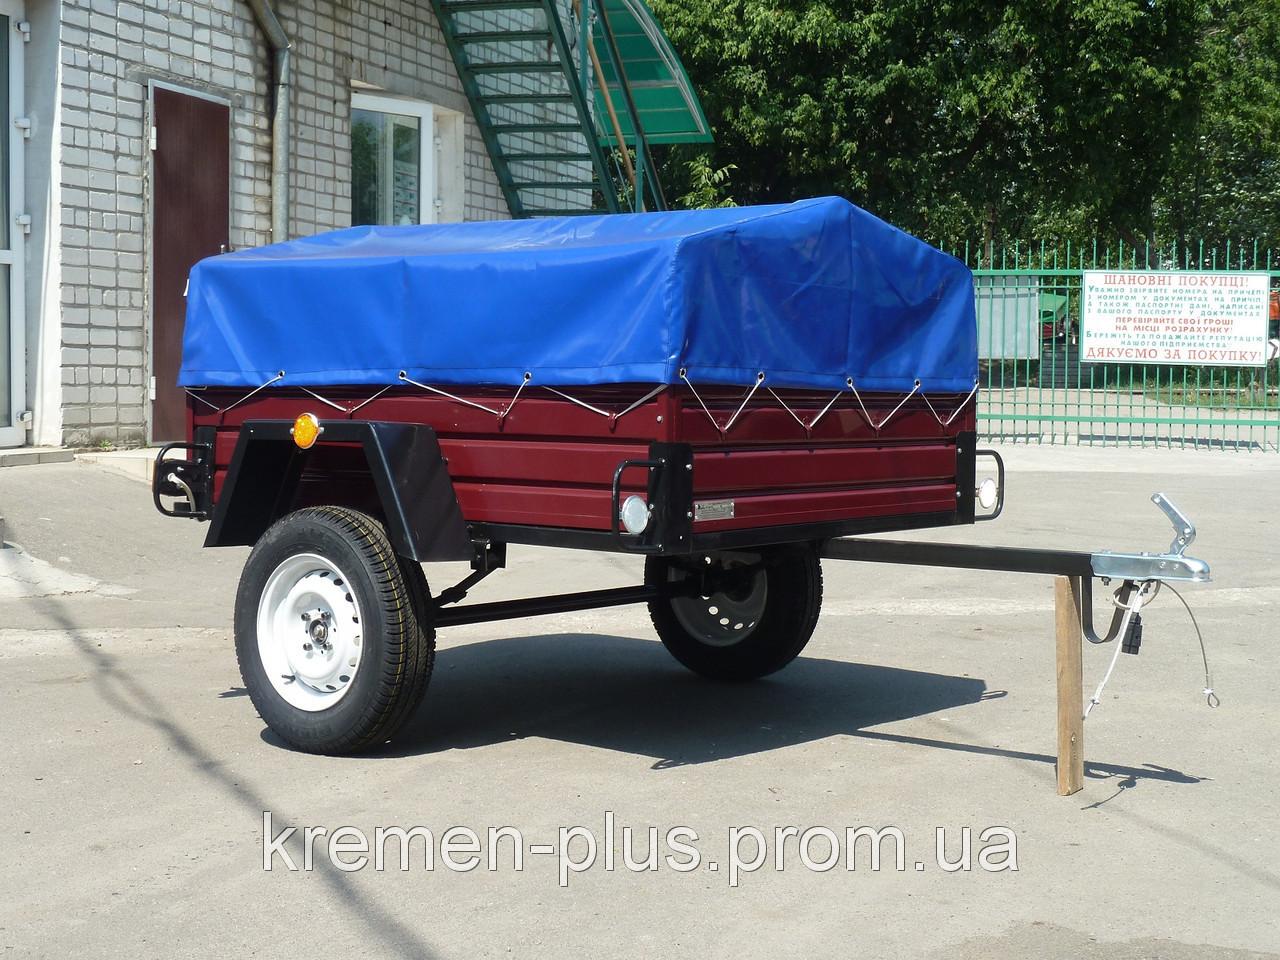 Продам одноосный легковой прицеп в Днепроптровске для автомобиля